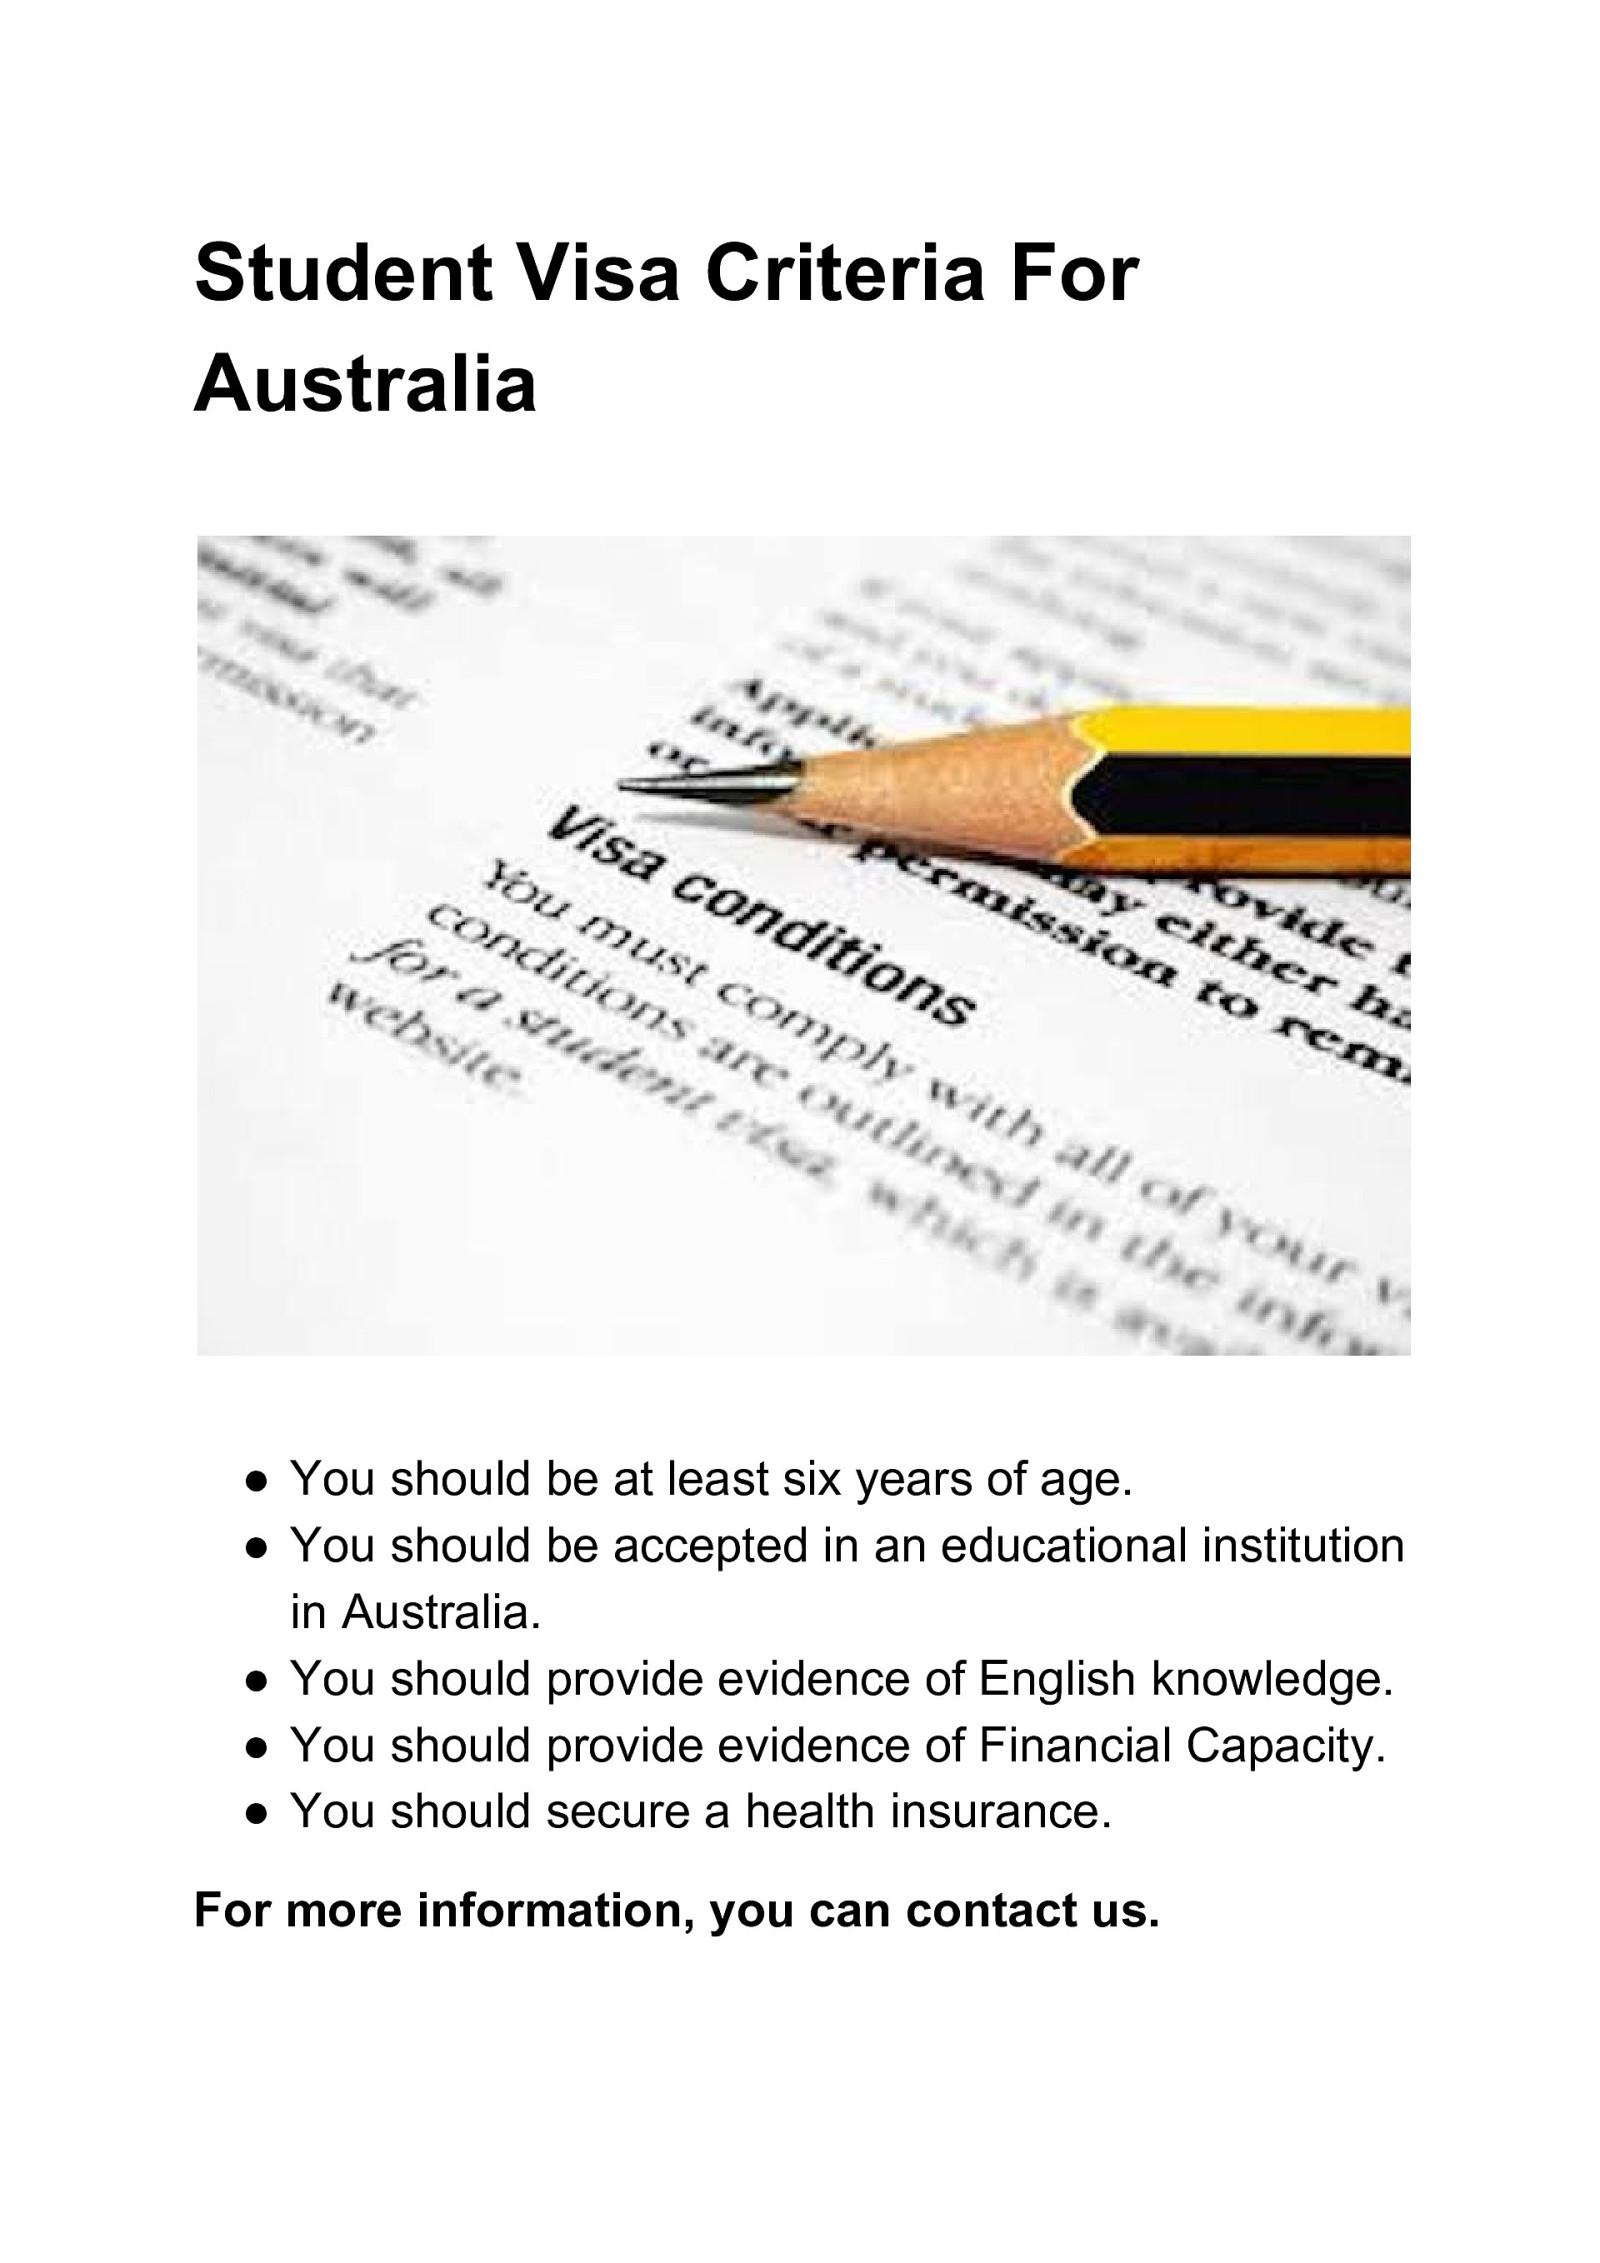 Student Visa Criteria For Australia